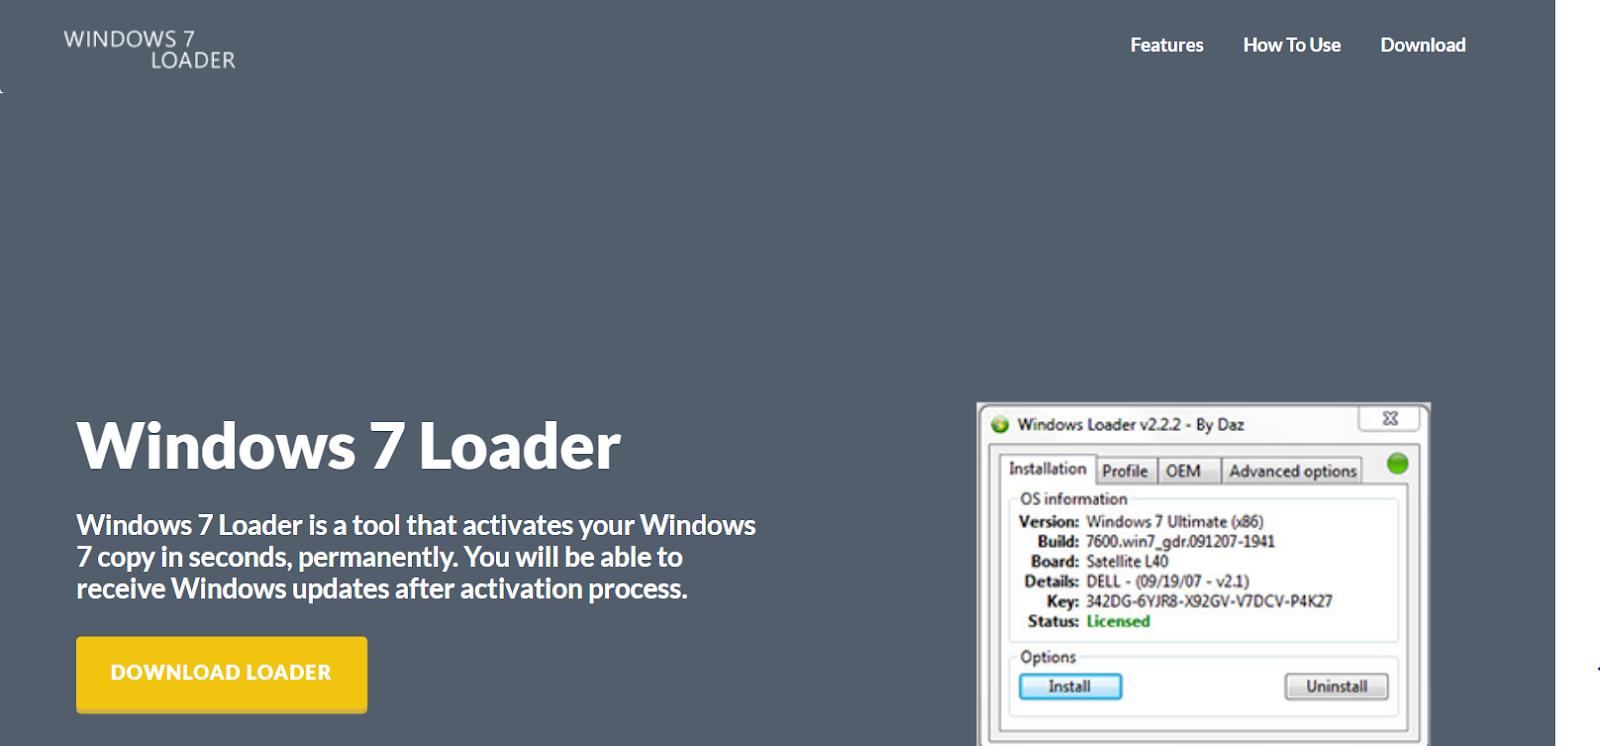 windows 7 loader build 7600 free download